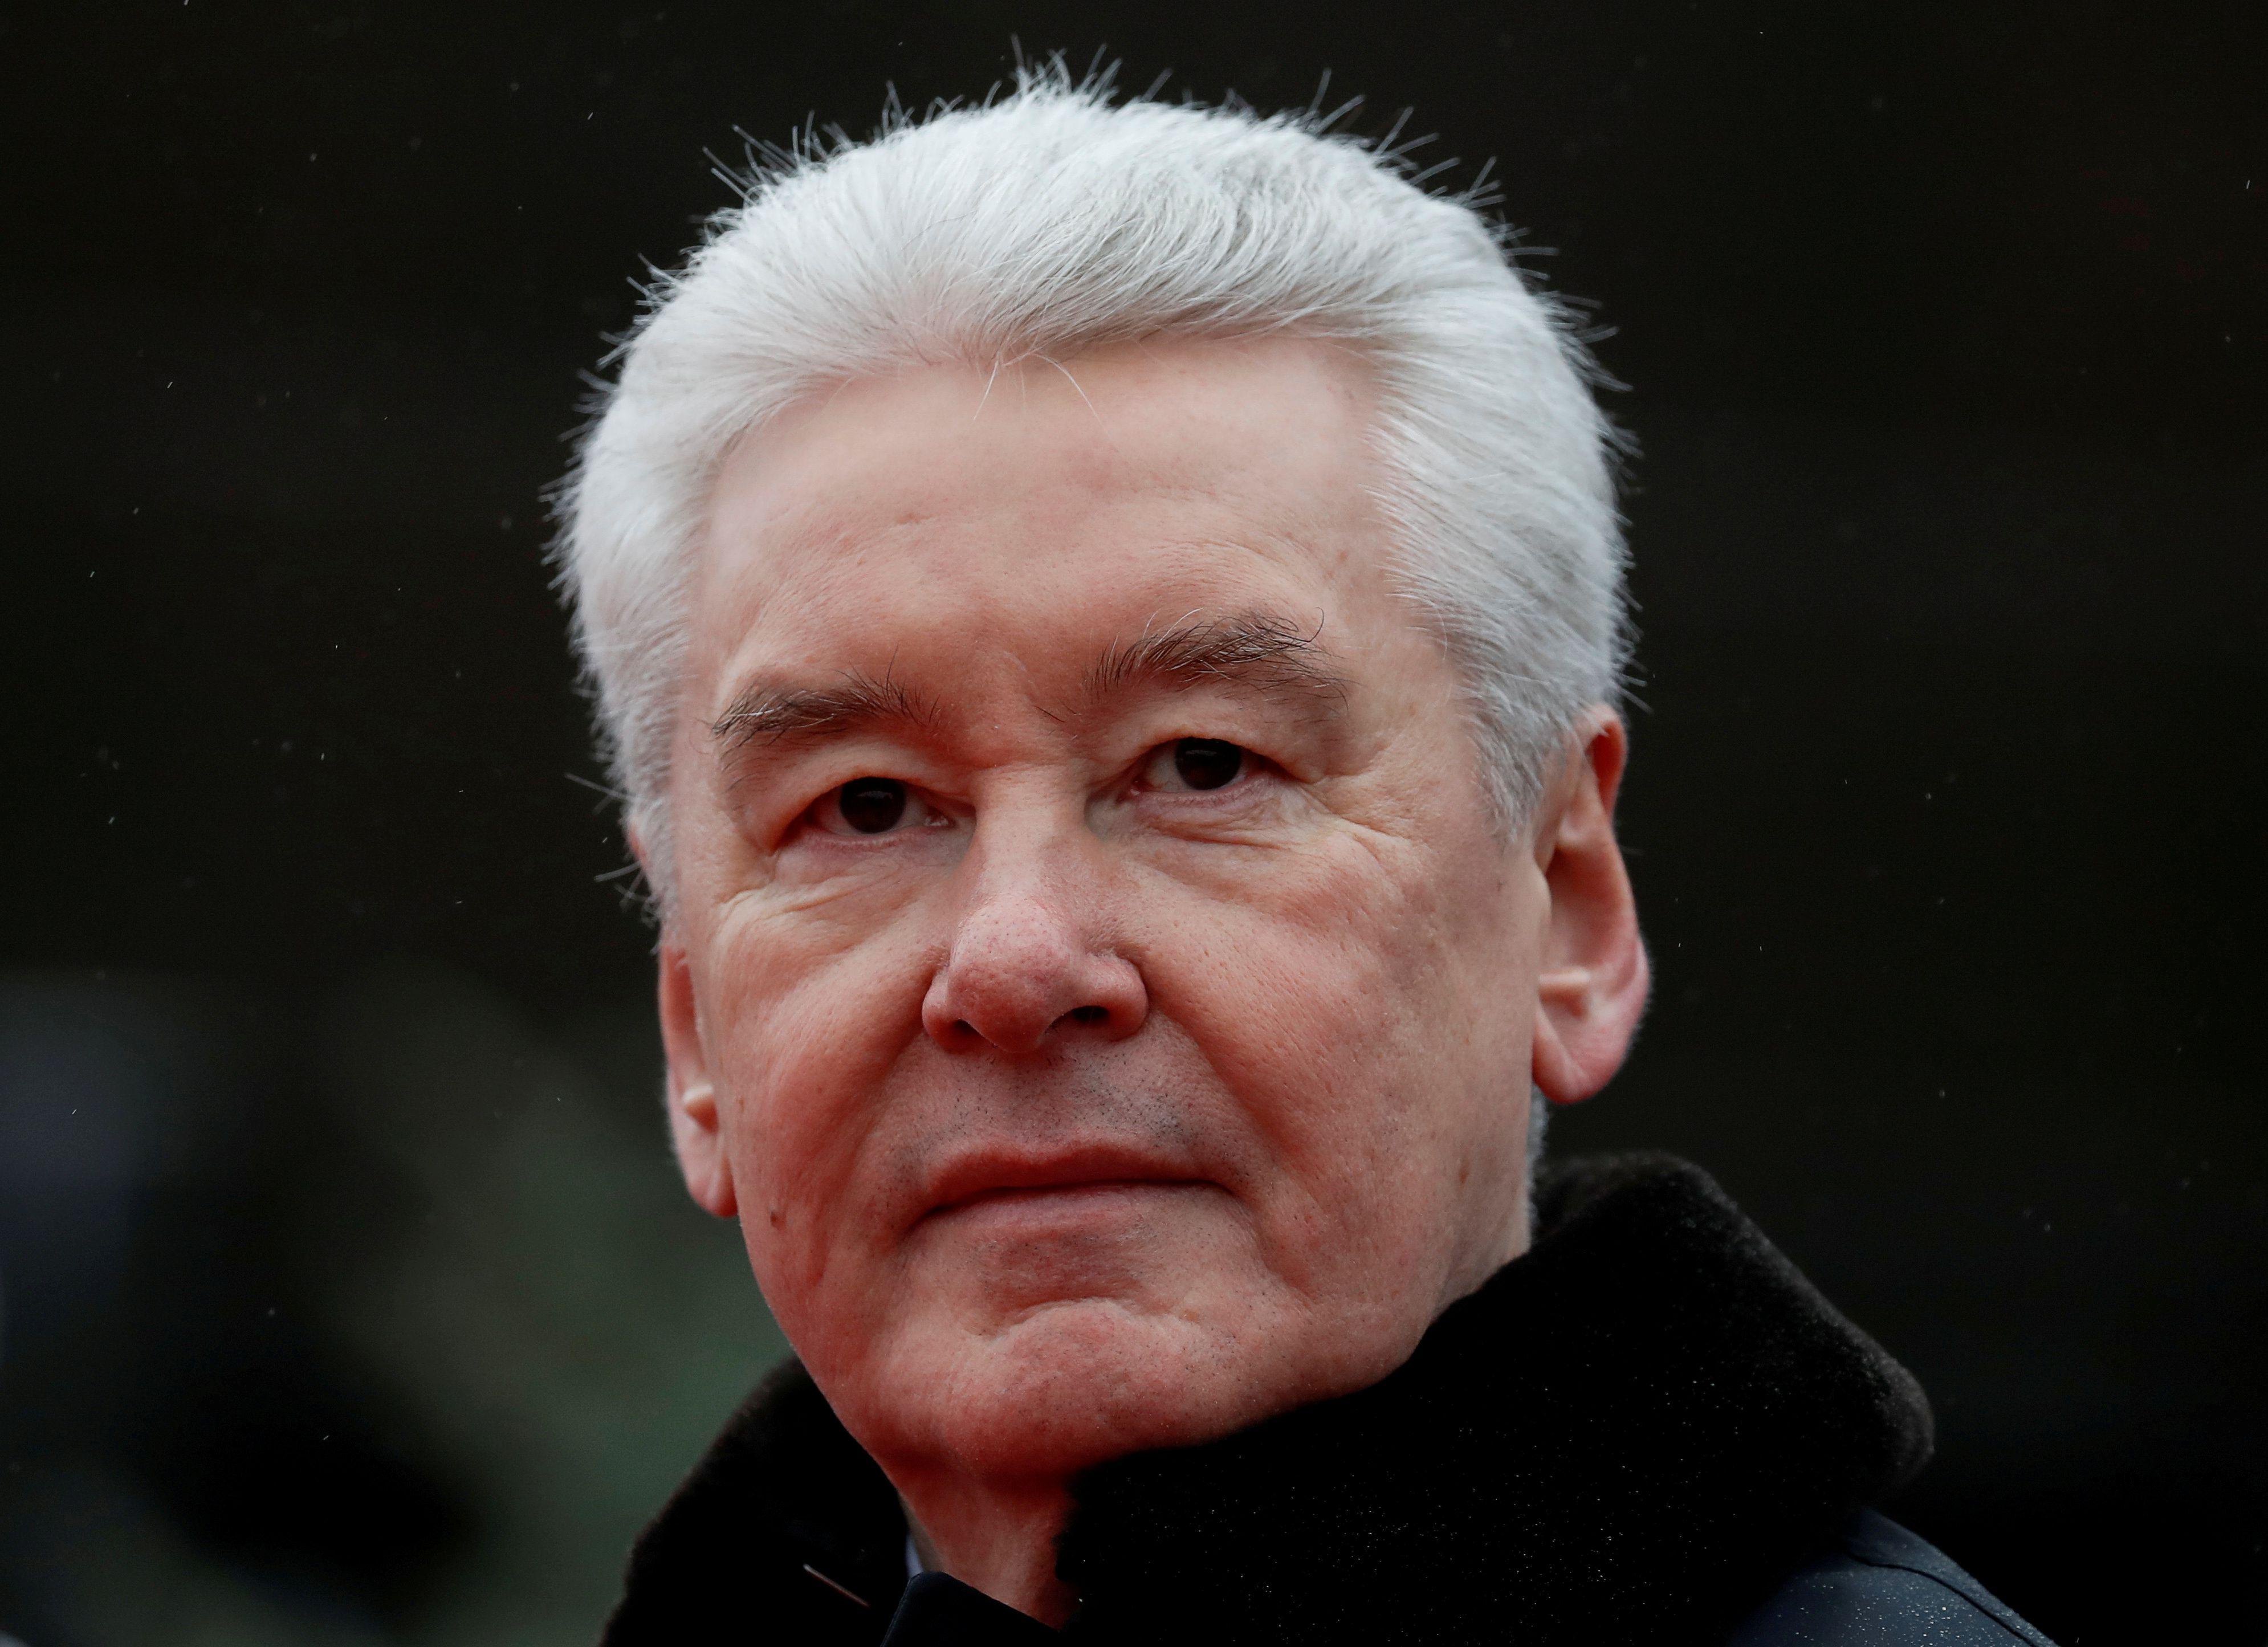 El alcalde de Moscú Sergei Sobyanin (REUTERS/Evgenia Novozhenina/archivo)